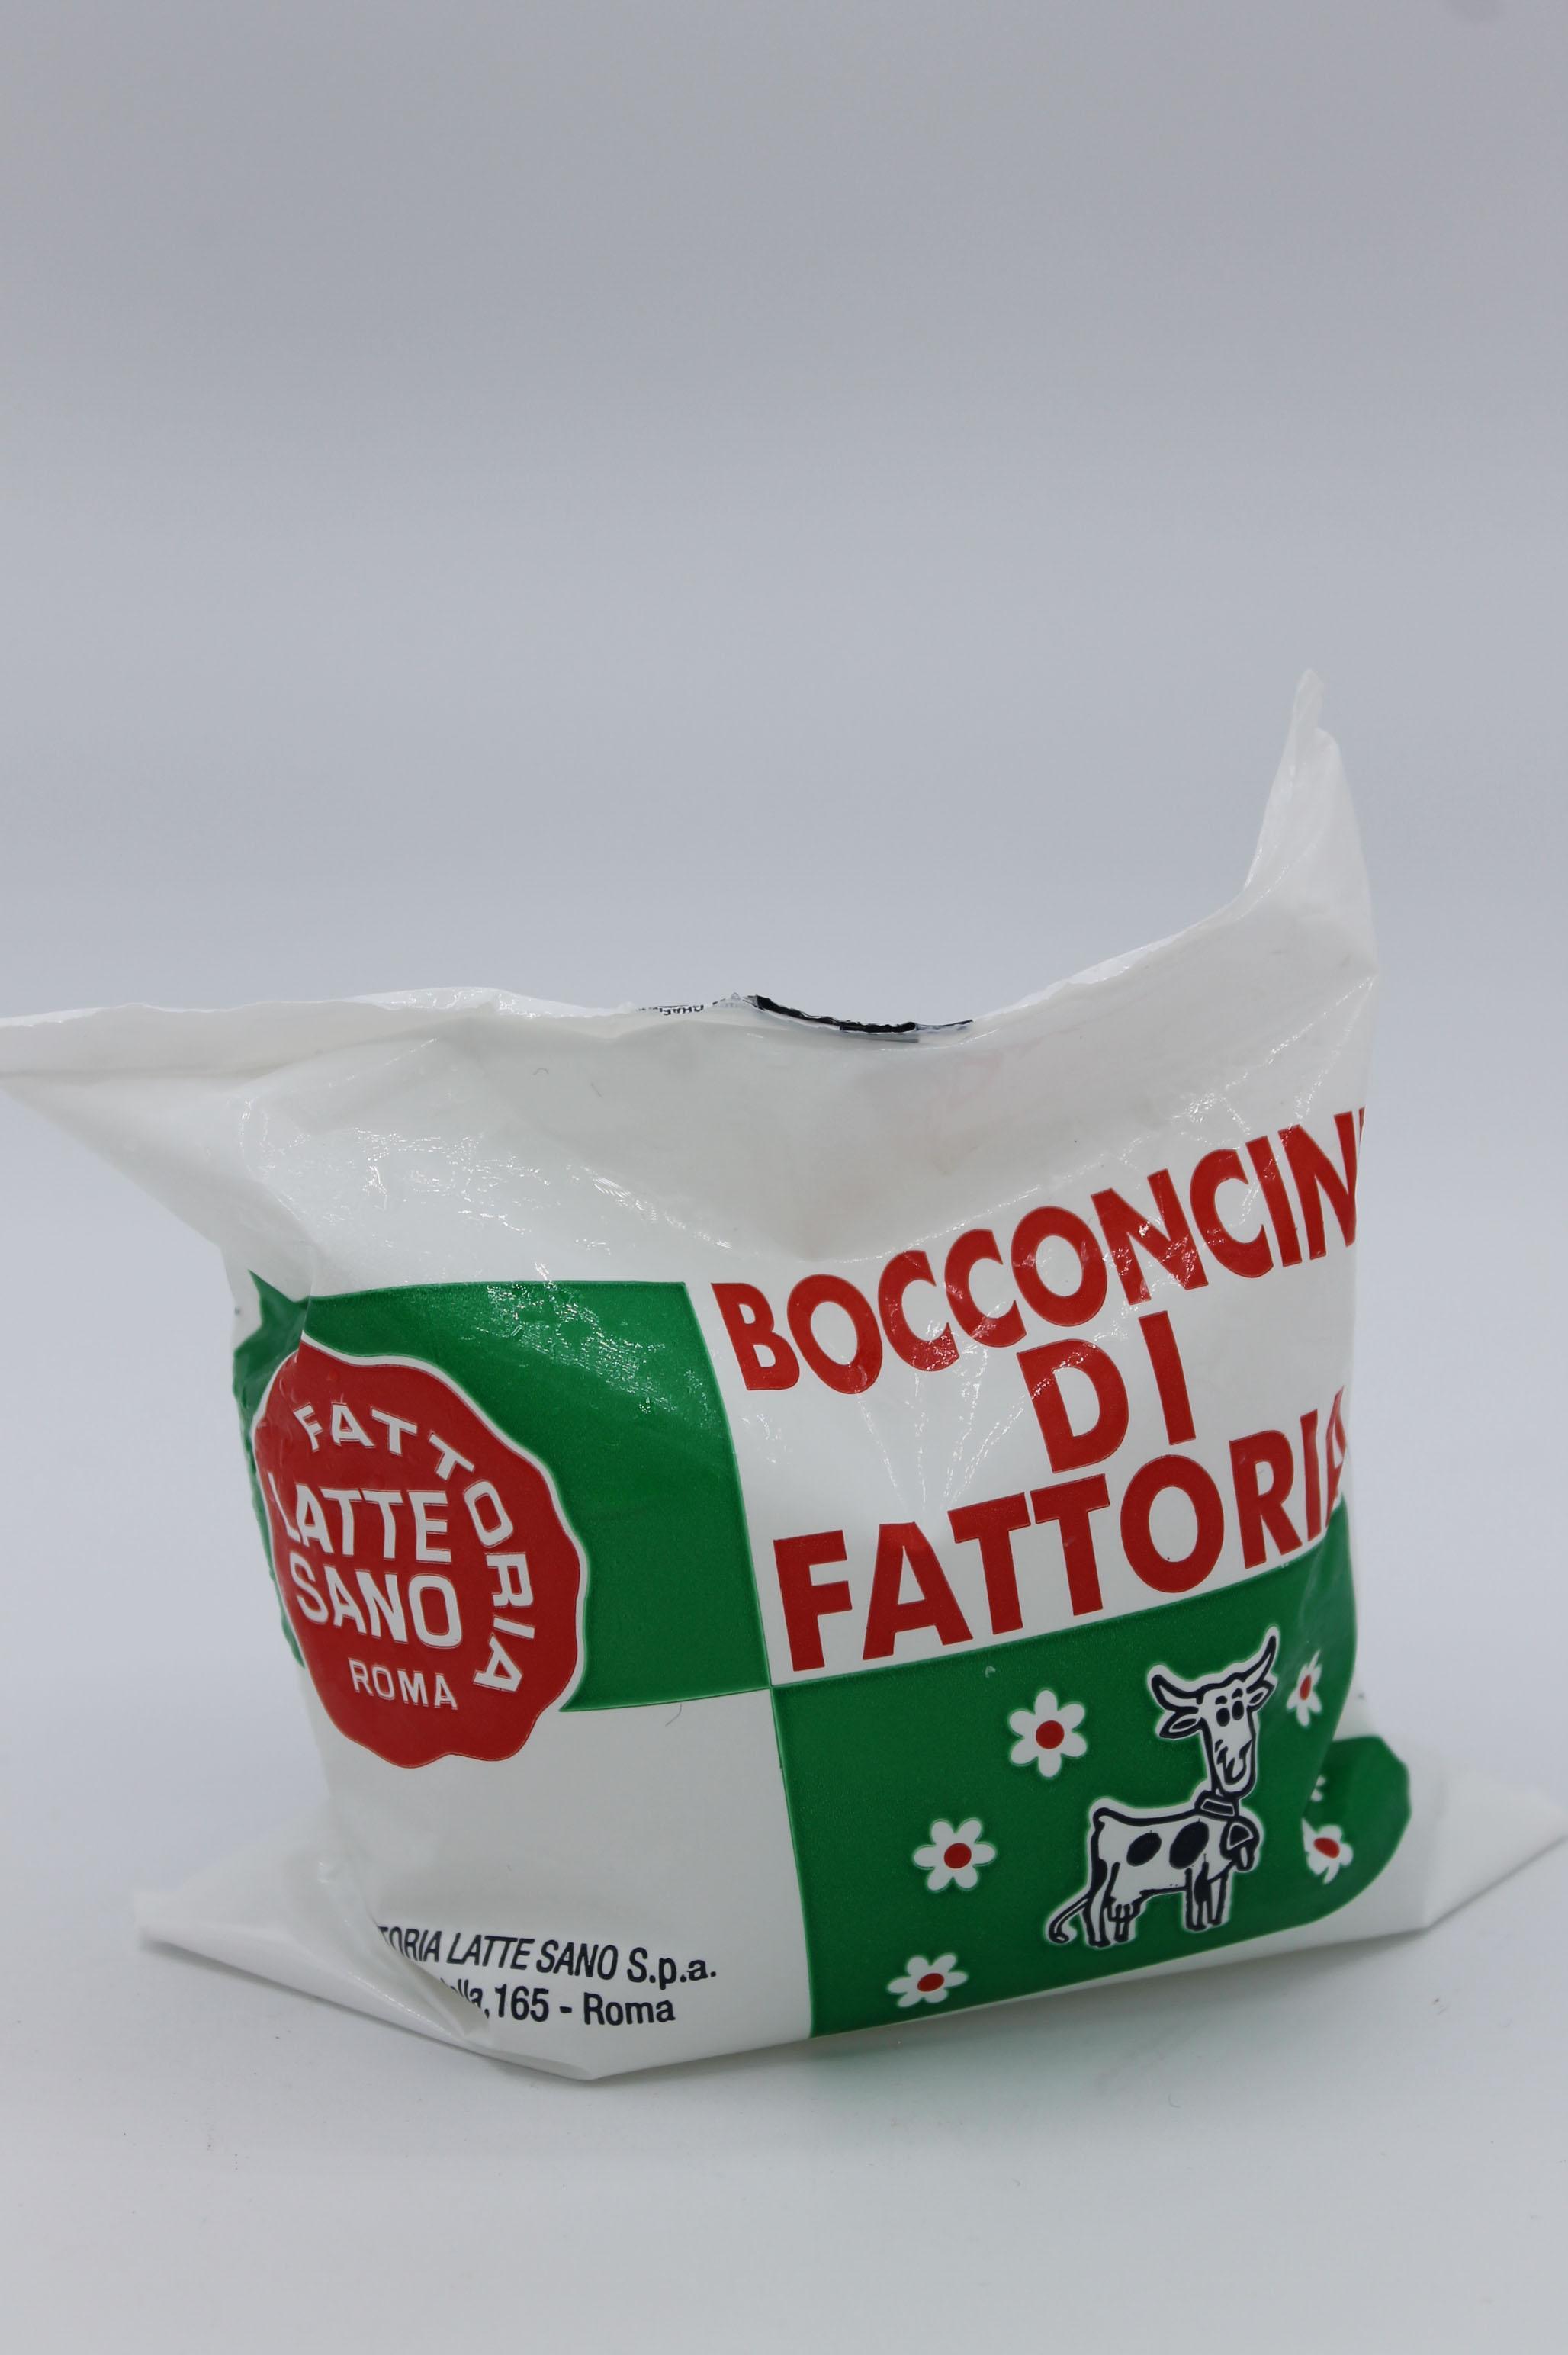 Latte Sano bocconcini di fattoria 100gr.